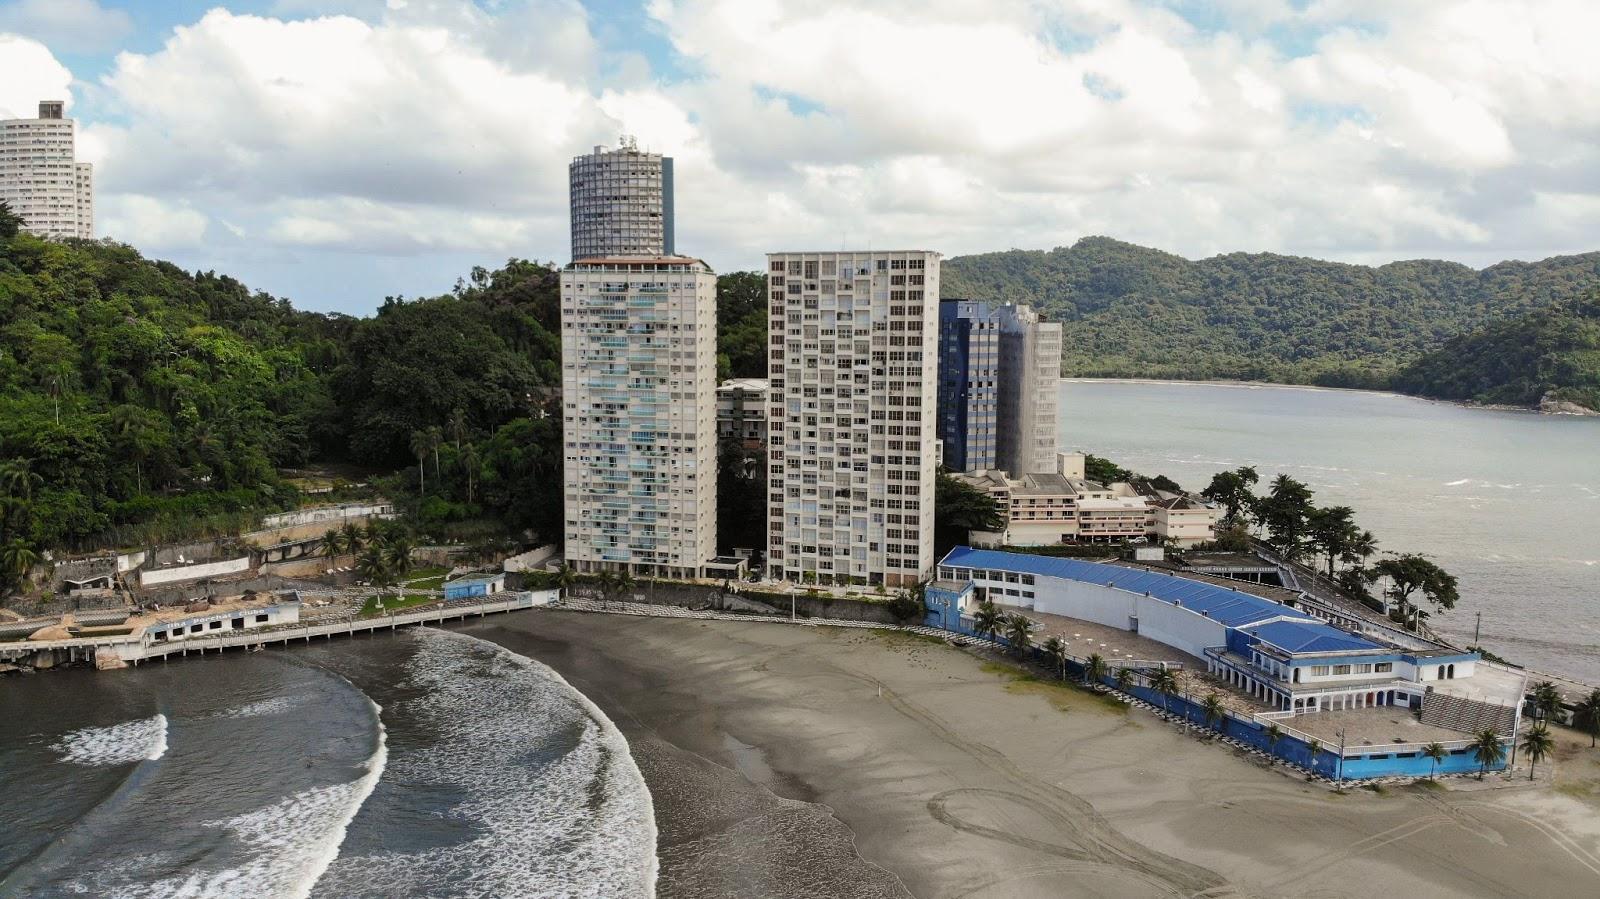 Segundo los relatos, los abusos sexuales ocurrieran también en propriedades de Klein ubicadas en diferentes ciudades de la costa sureste de Brasil. (Foto: José Cícero da Silva/Agência Pública)